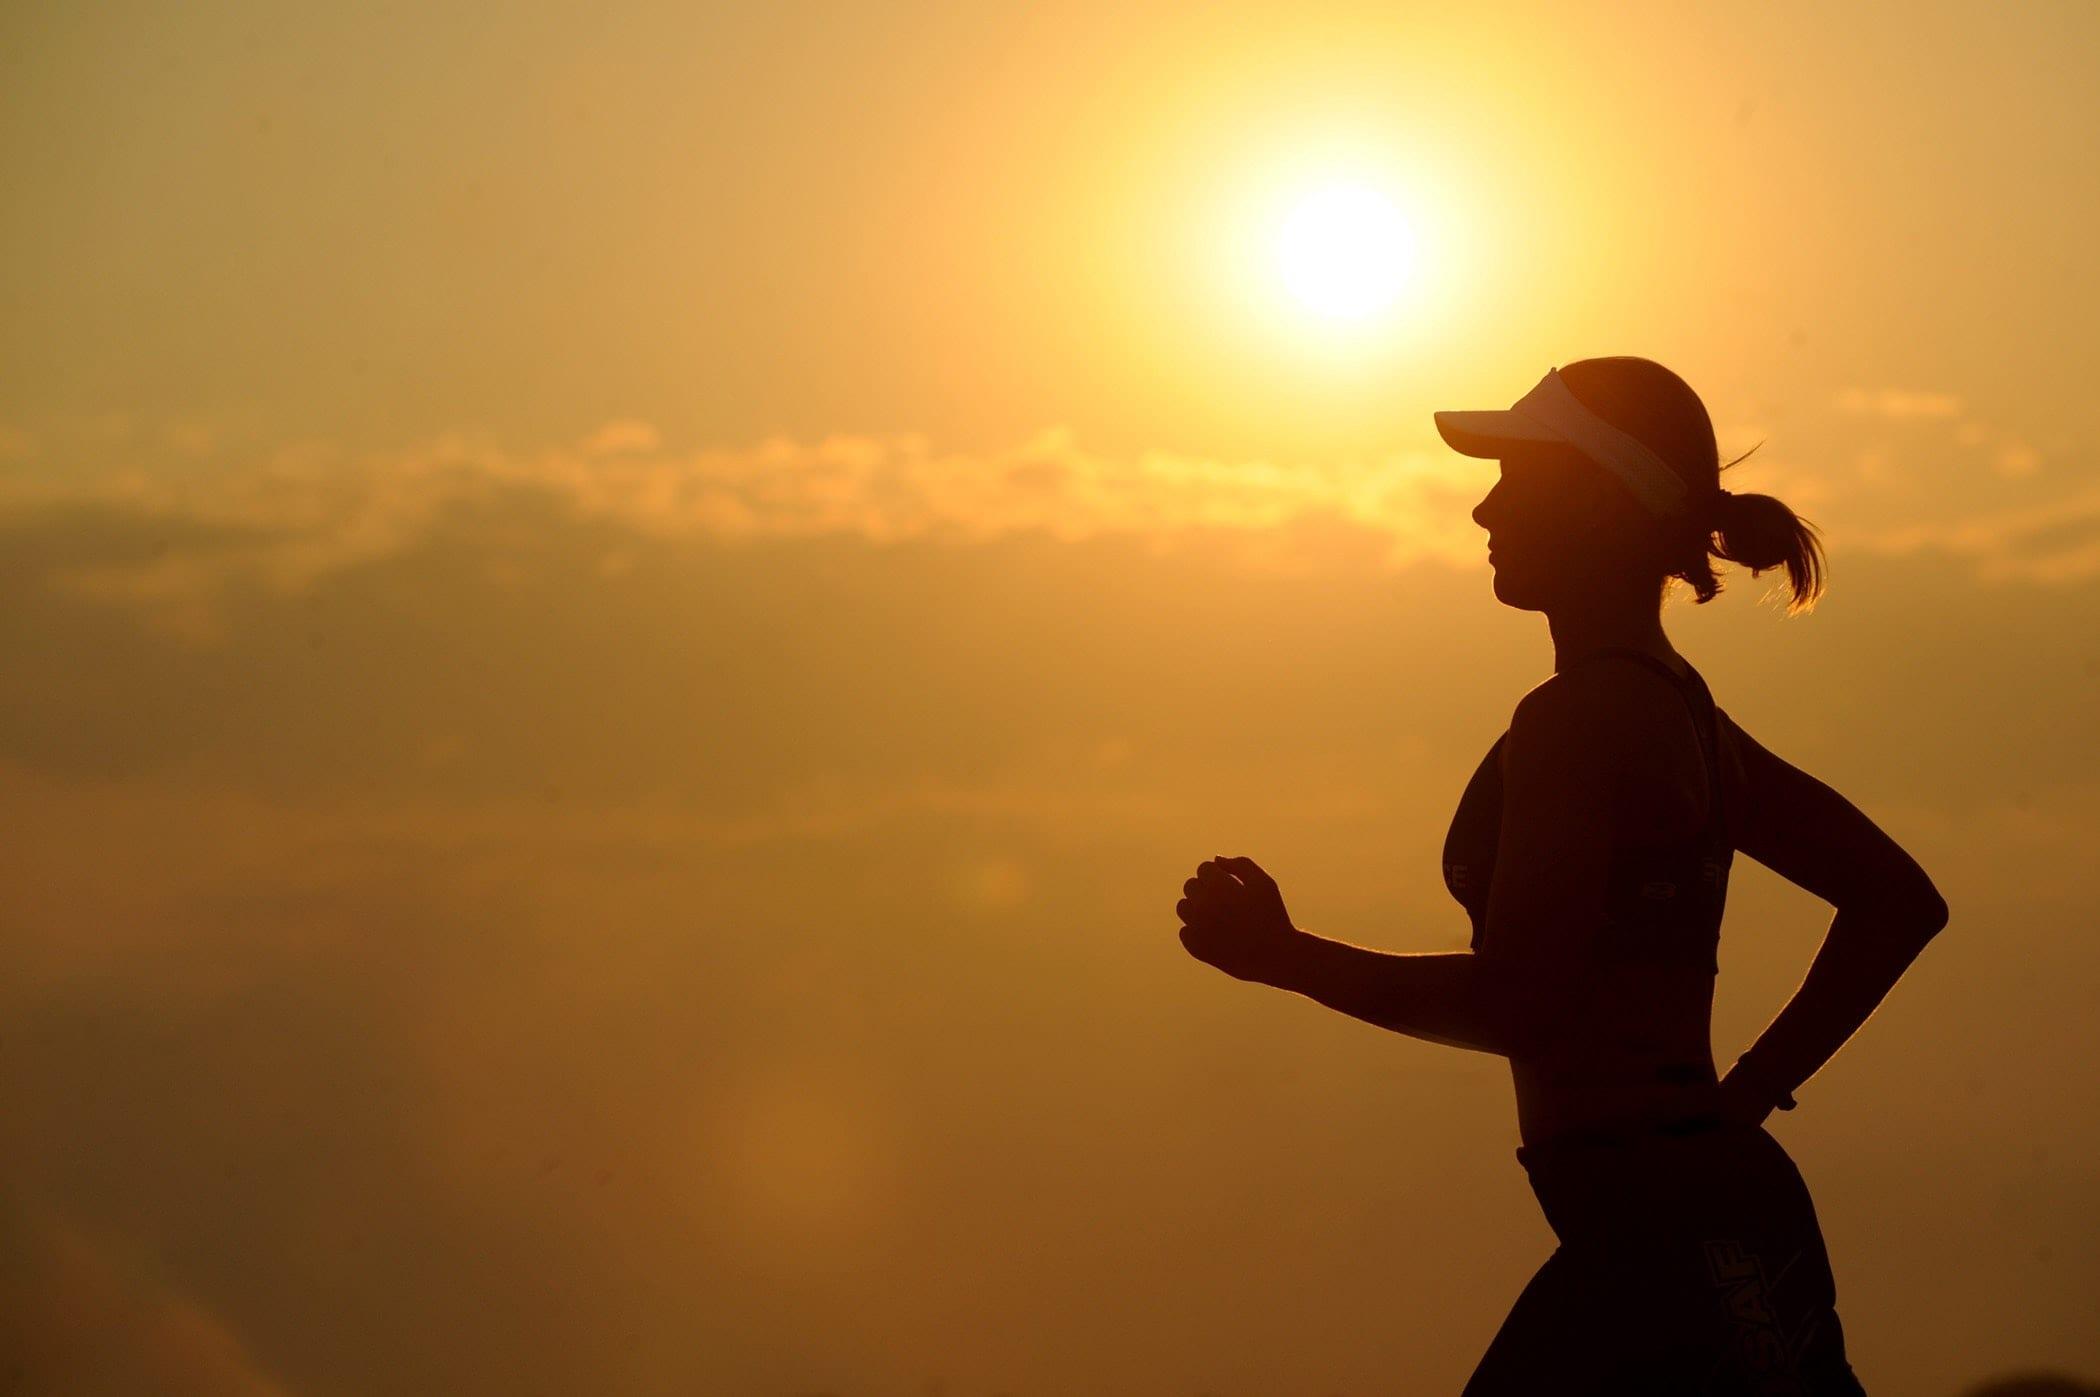 Beste hodelykt til jogging